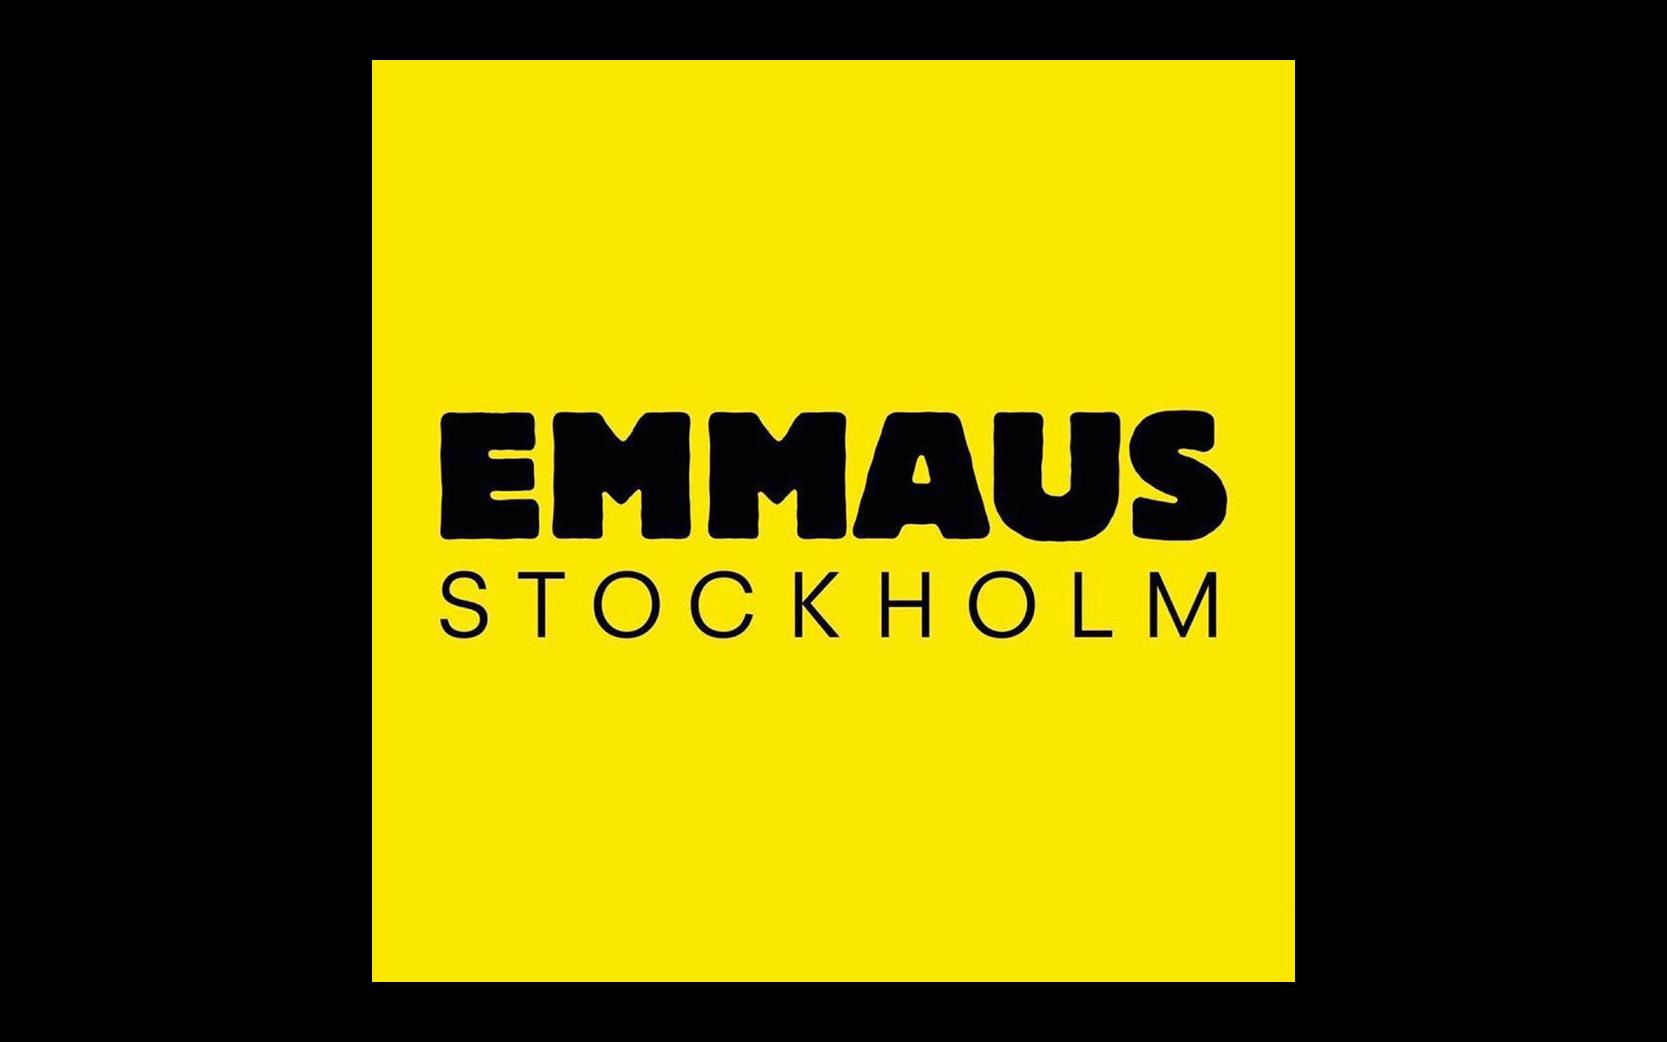 Emmaus Stockholms logotyp